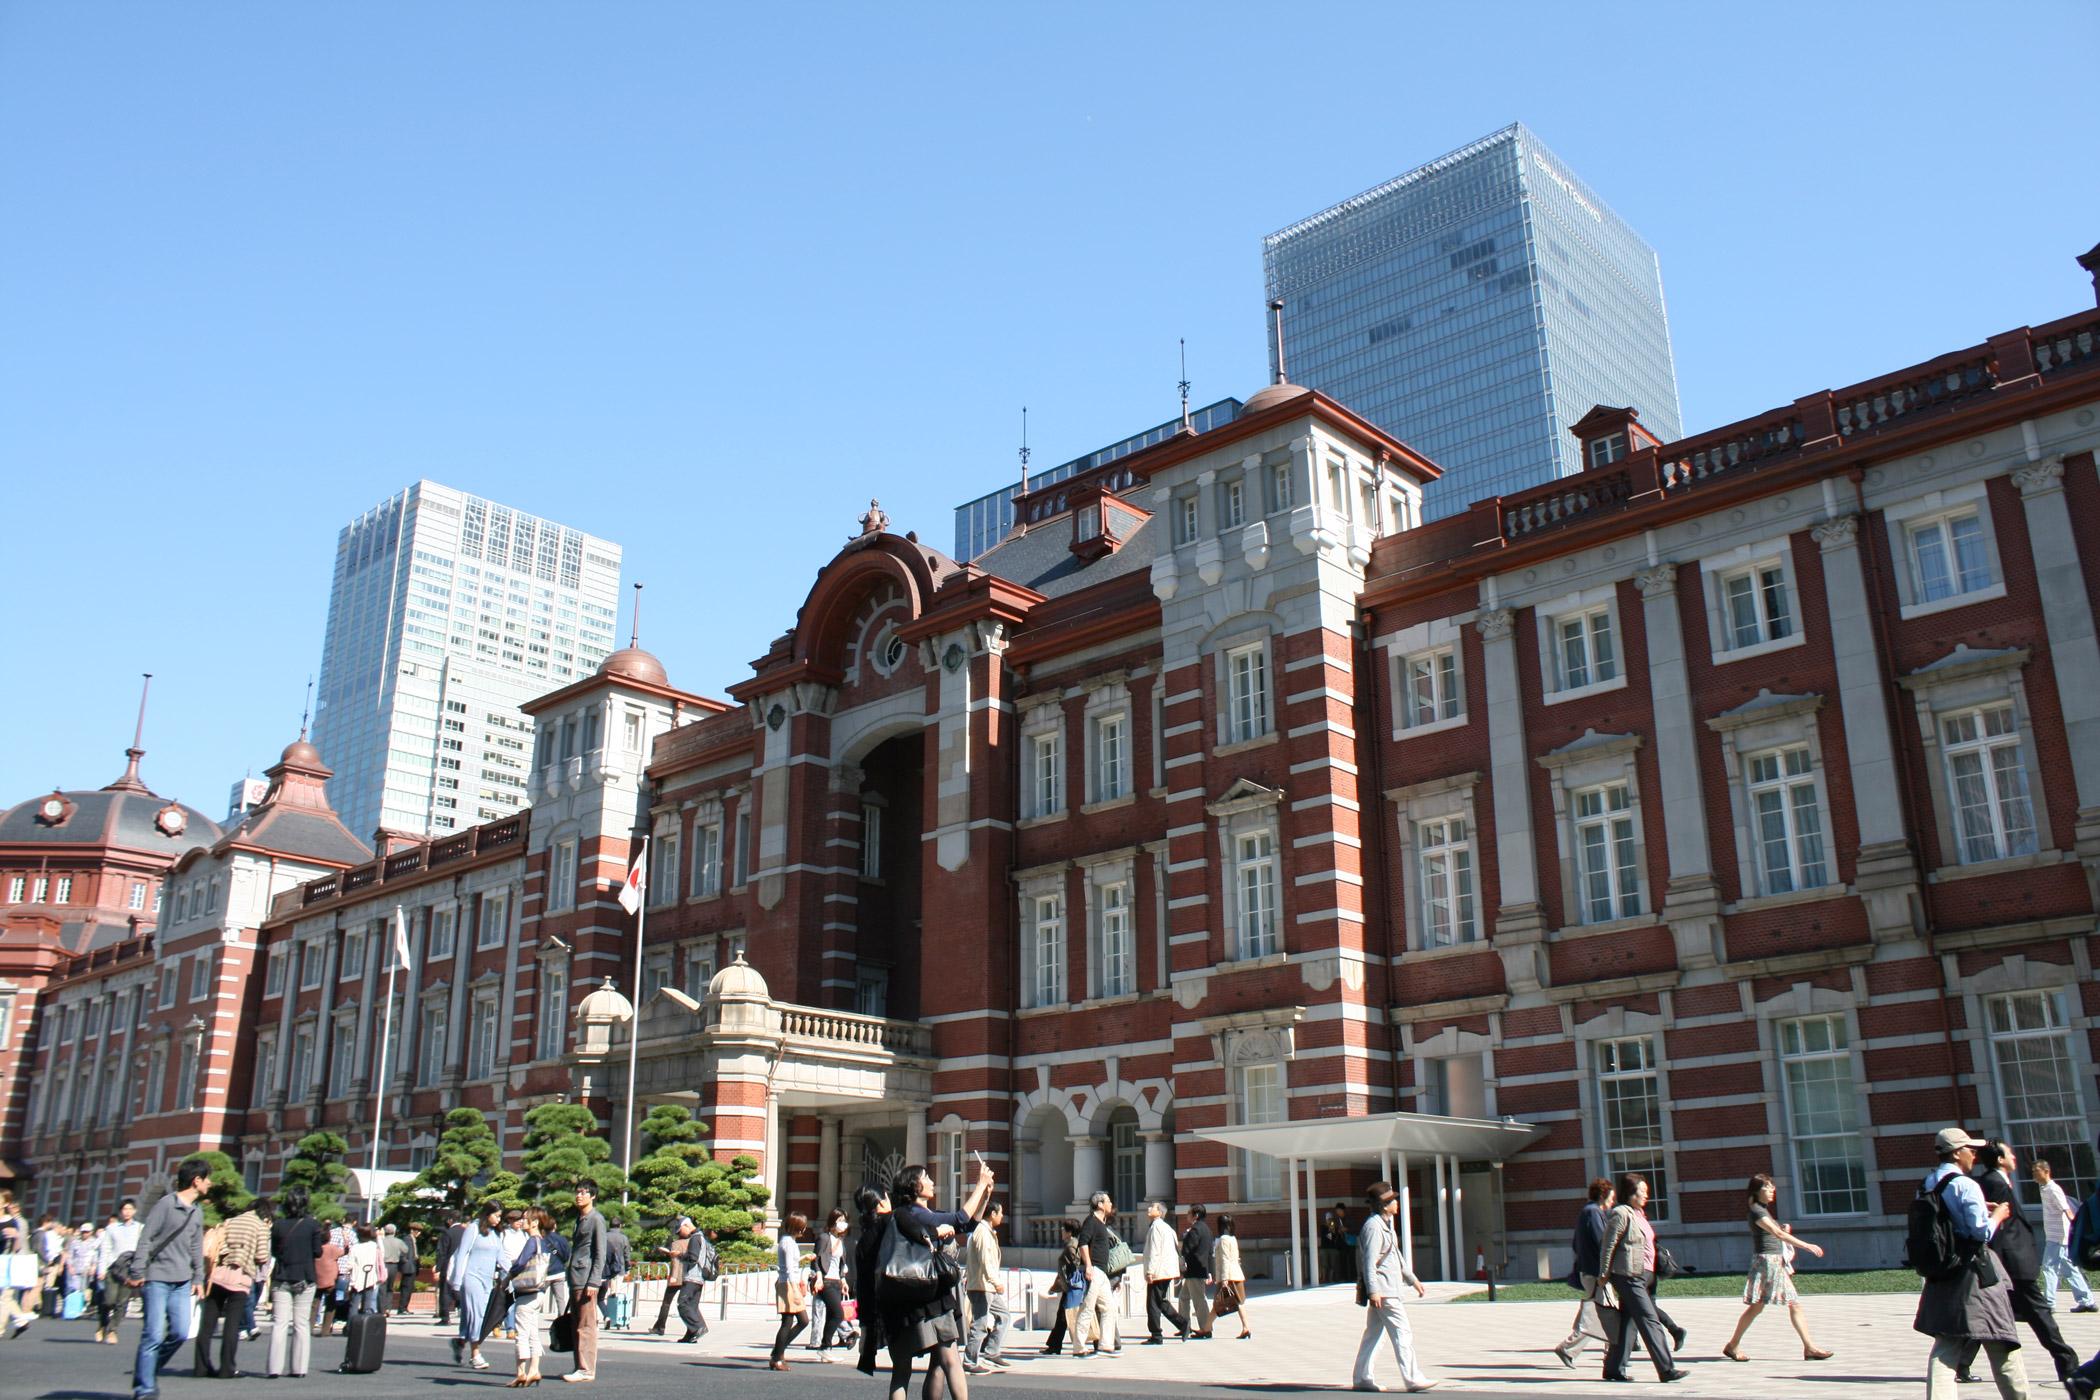 東京駅でランチ、ありゃ~、まだ決めてないの?…ランチセレクト6のサムネイル画像